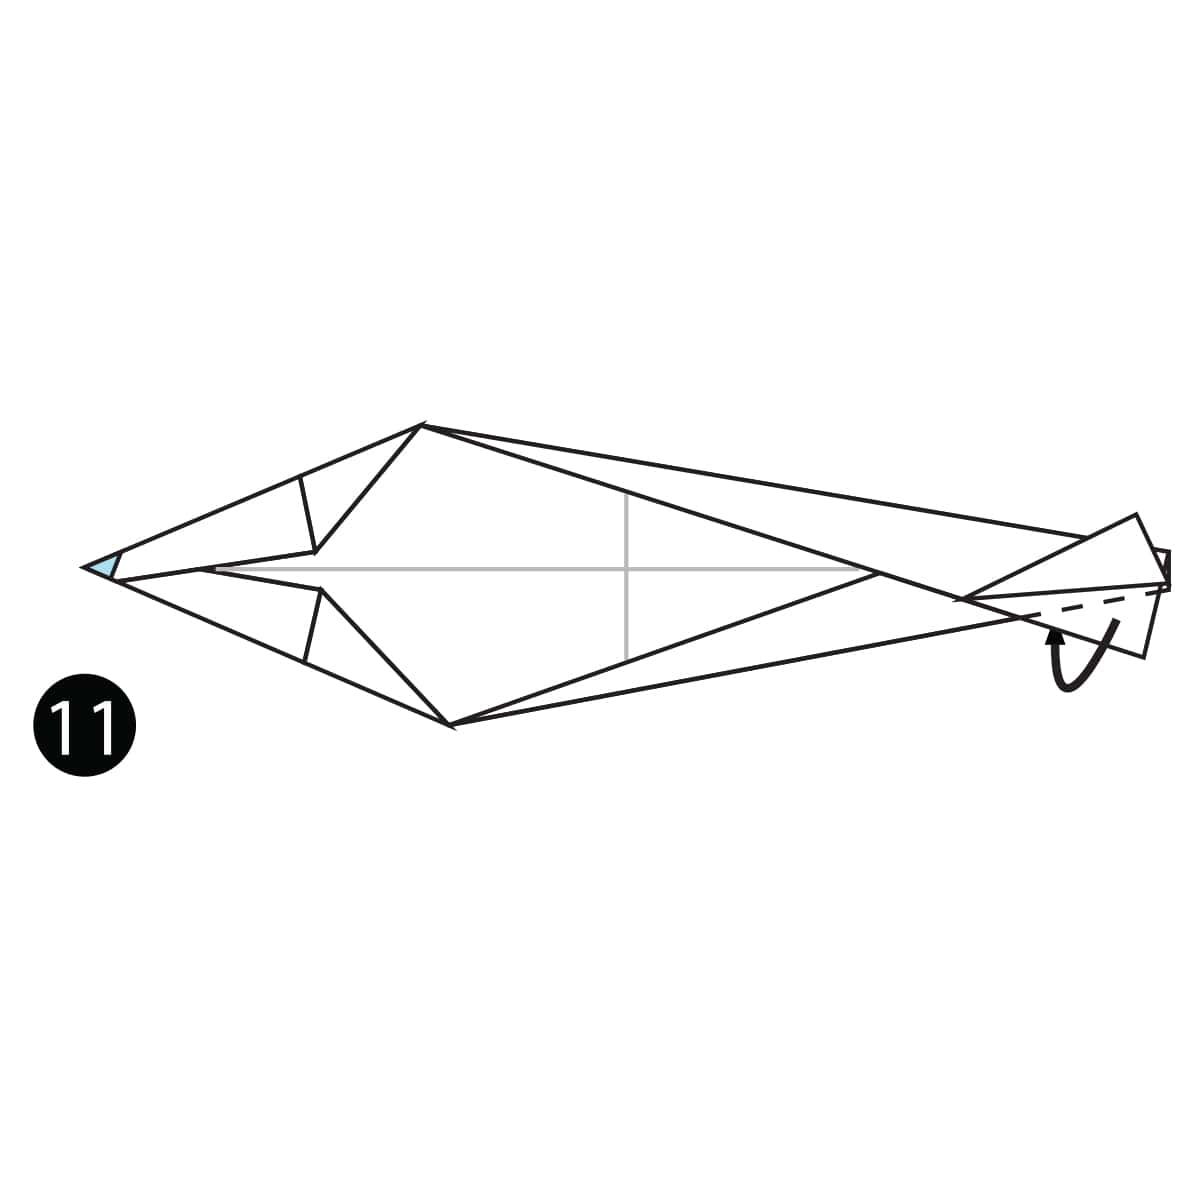 Sardine Step 11